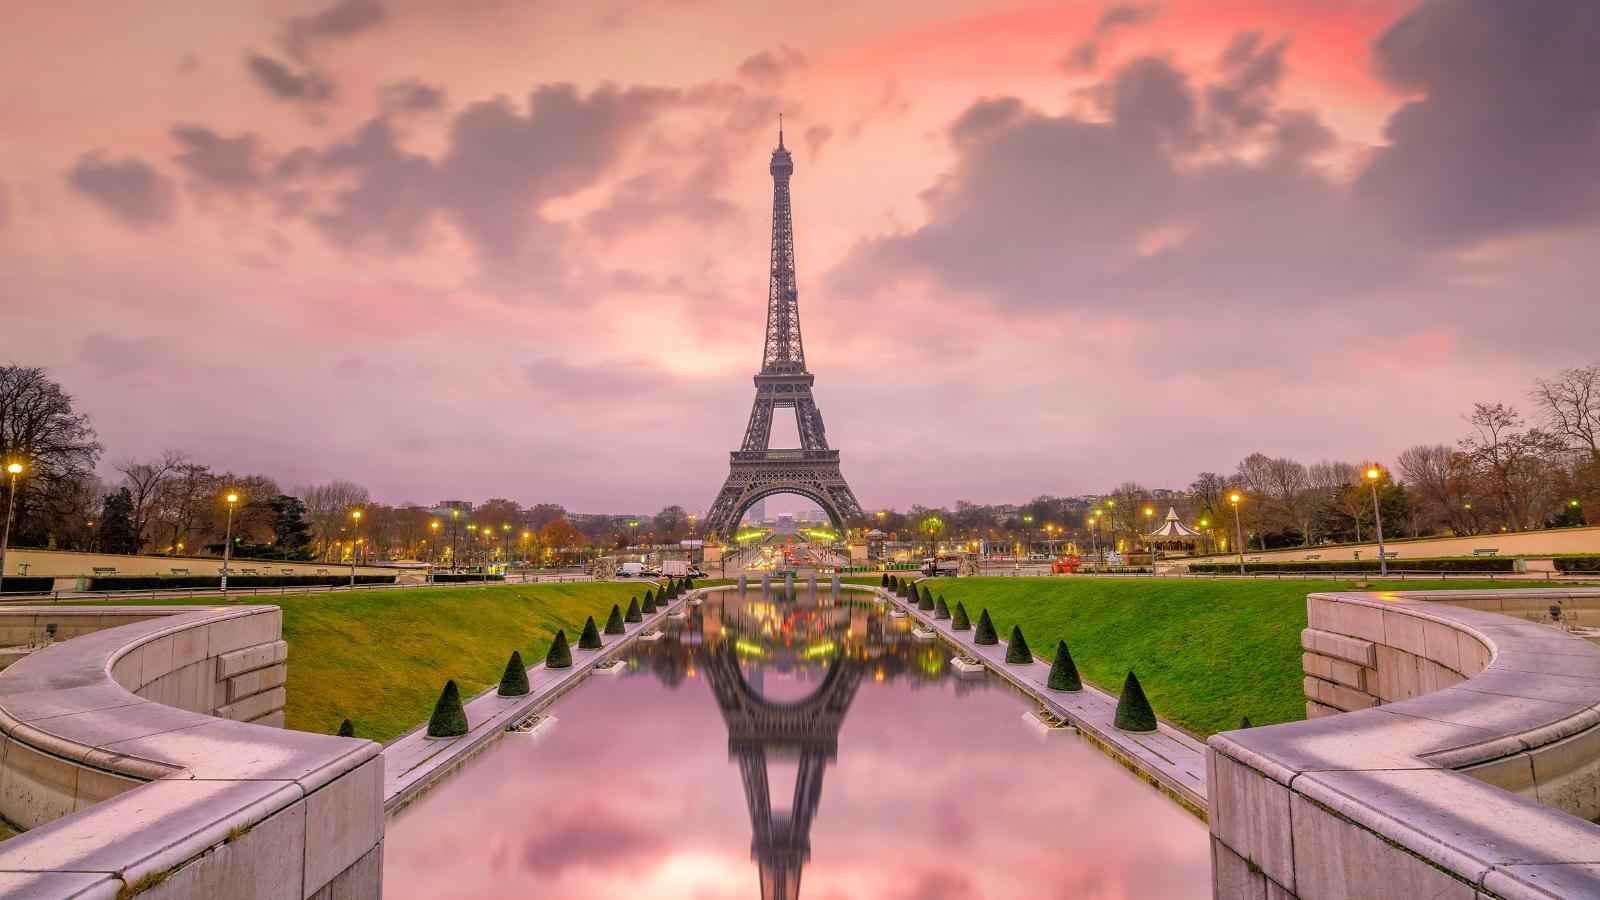 Айфеловата кула е една от най-известните забележителности в света, поради което Париж посреща милиони туристи година след година. Може обаче да се изненадате да научите, че в историческата забележителност има таен апартамент.